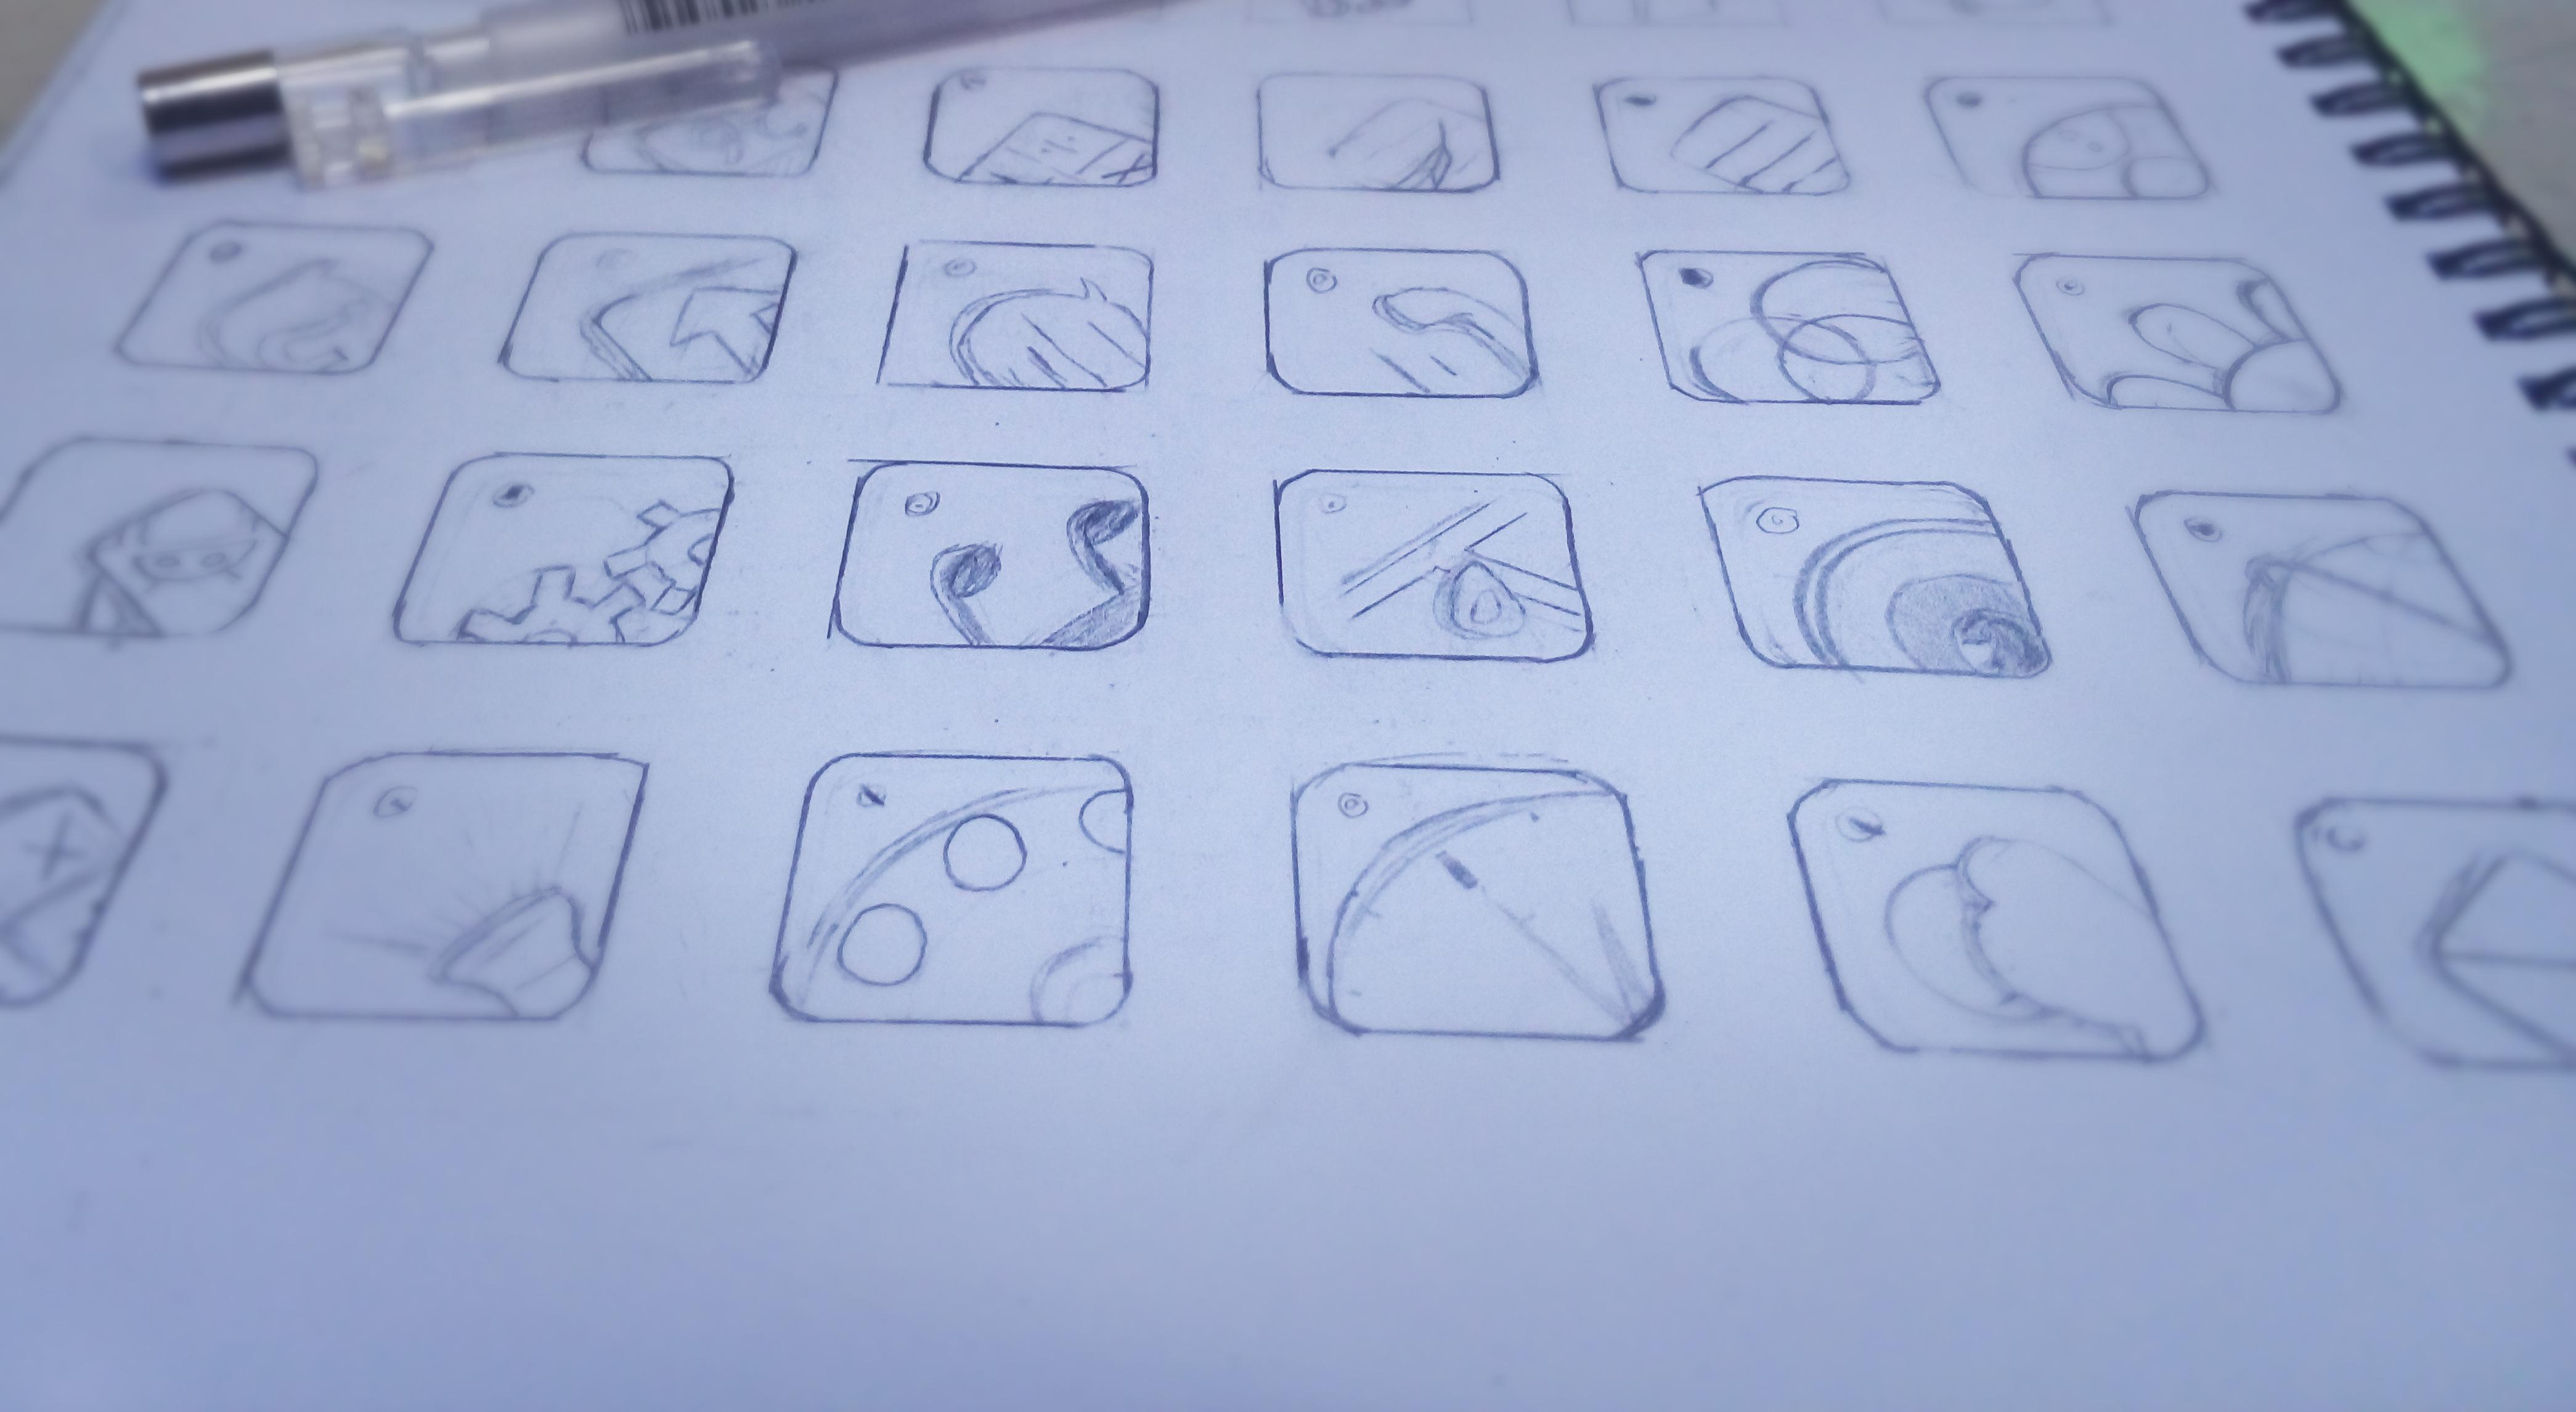 简单手绘键盘图